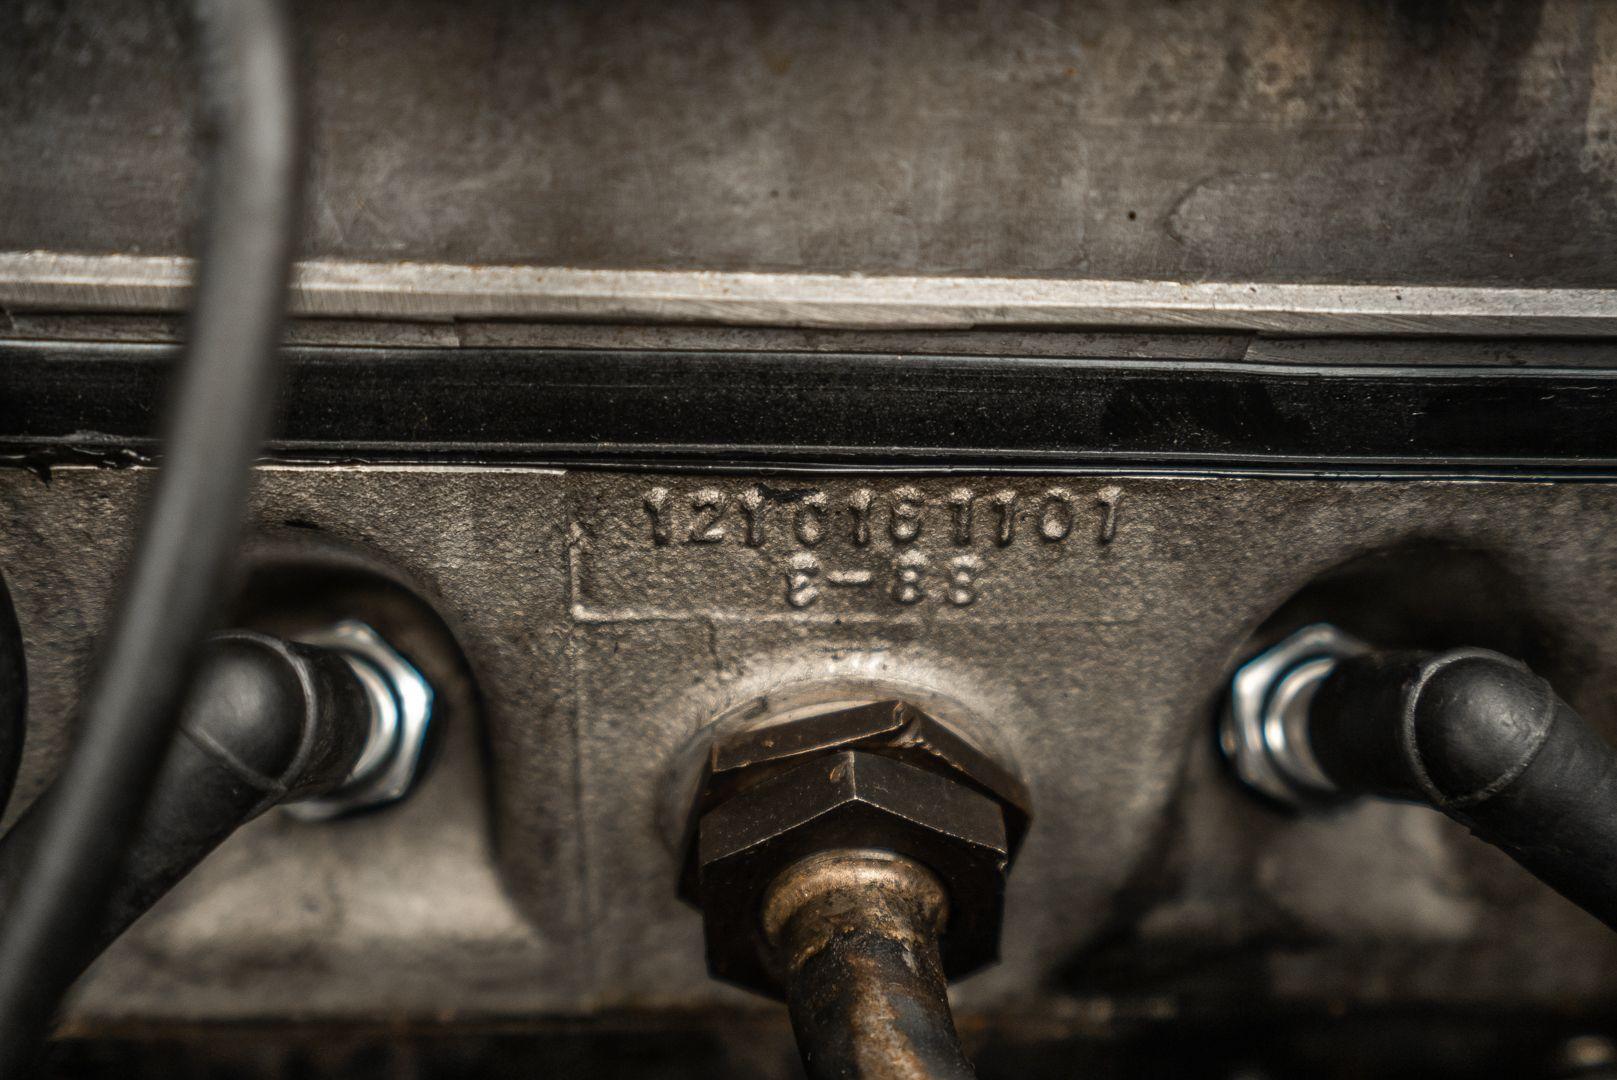 1958 Mercedes-Benz 190 SL 73907